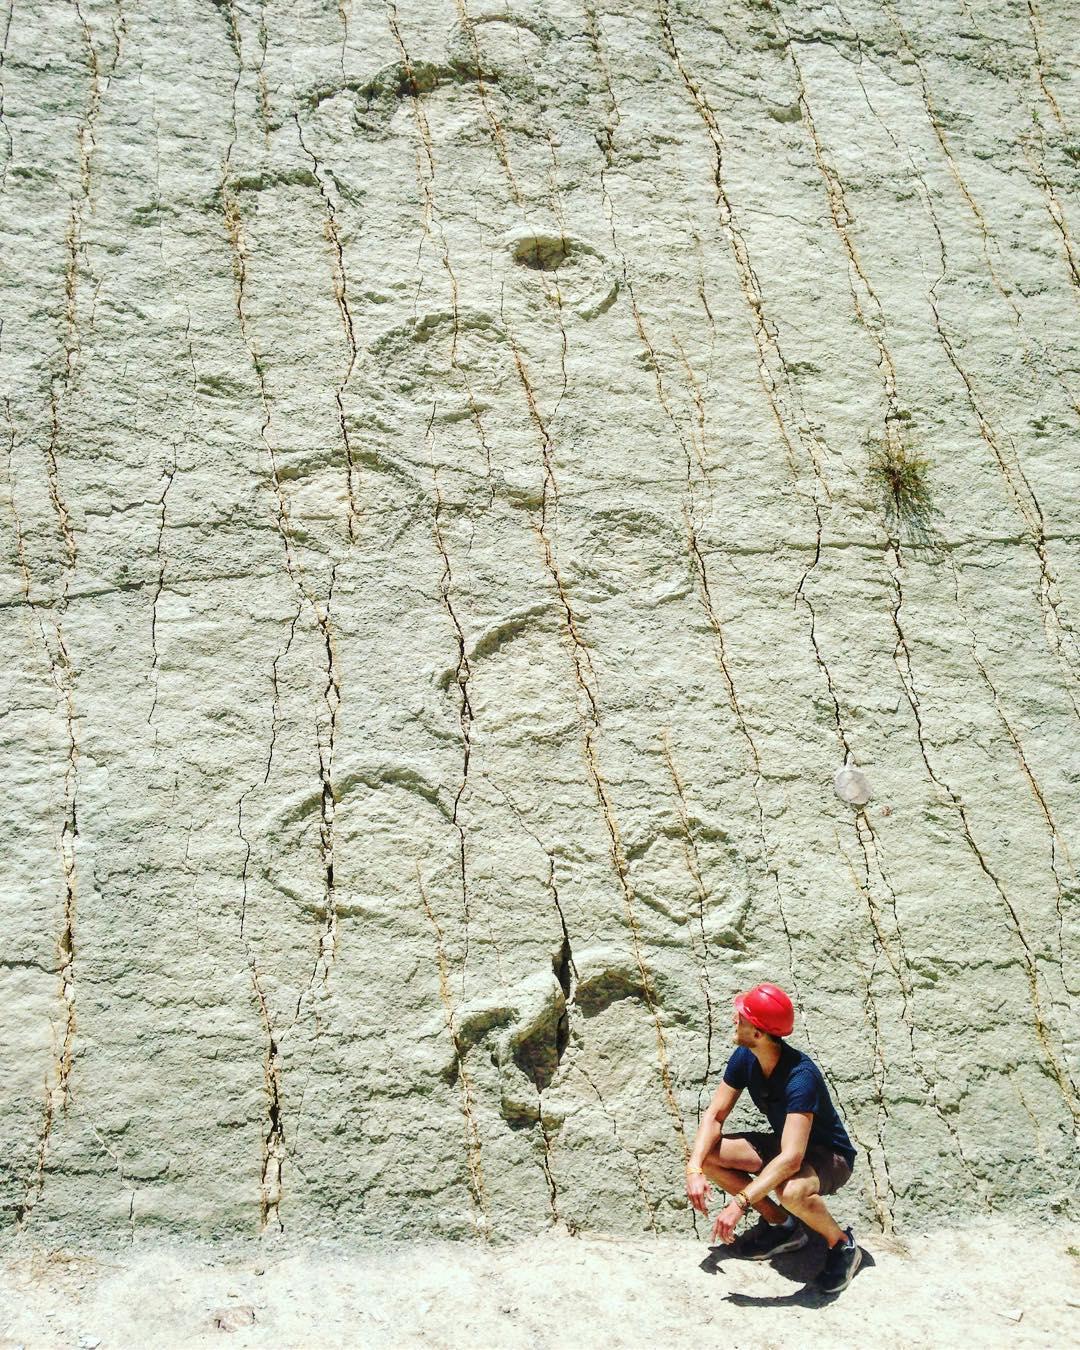 17 - Dinosaur footprints in Bolivia